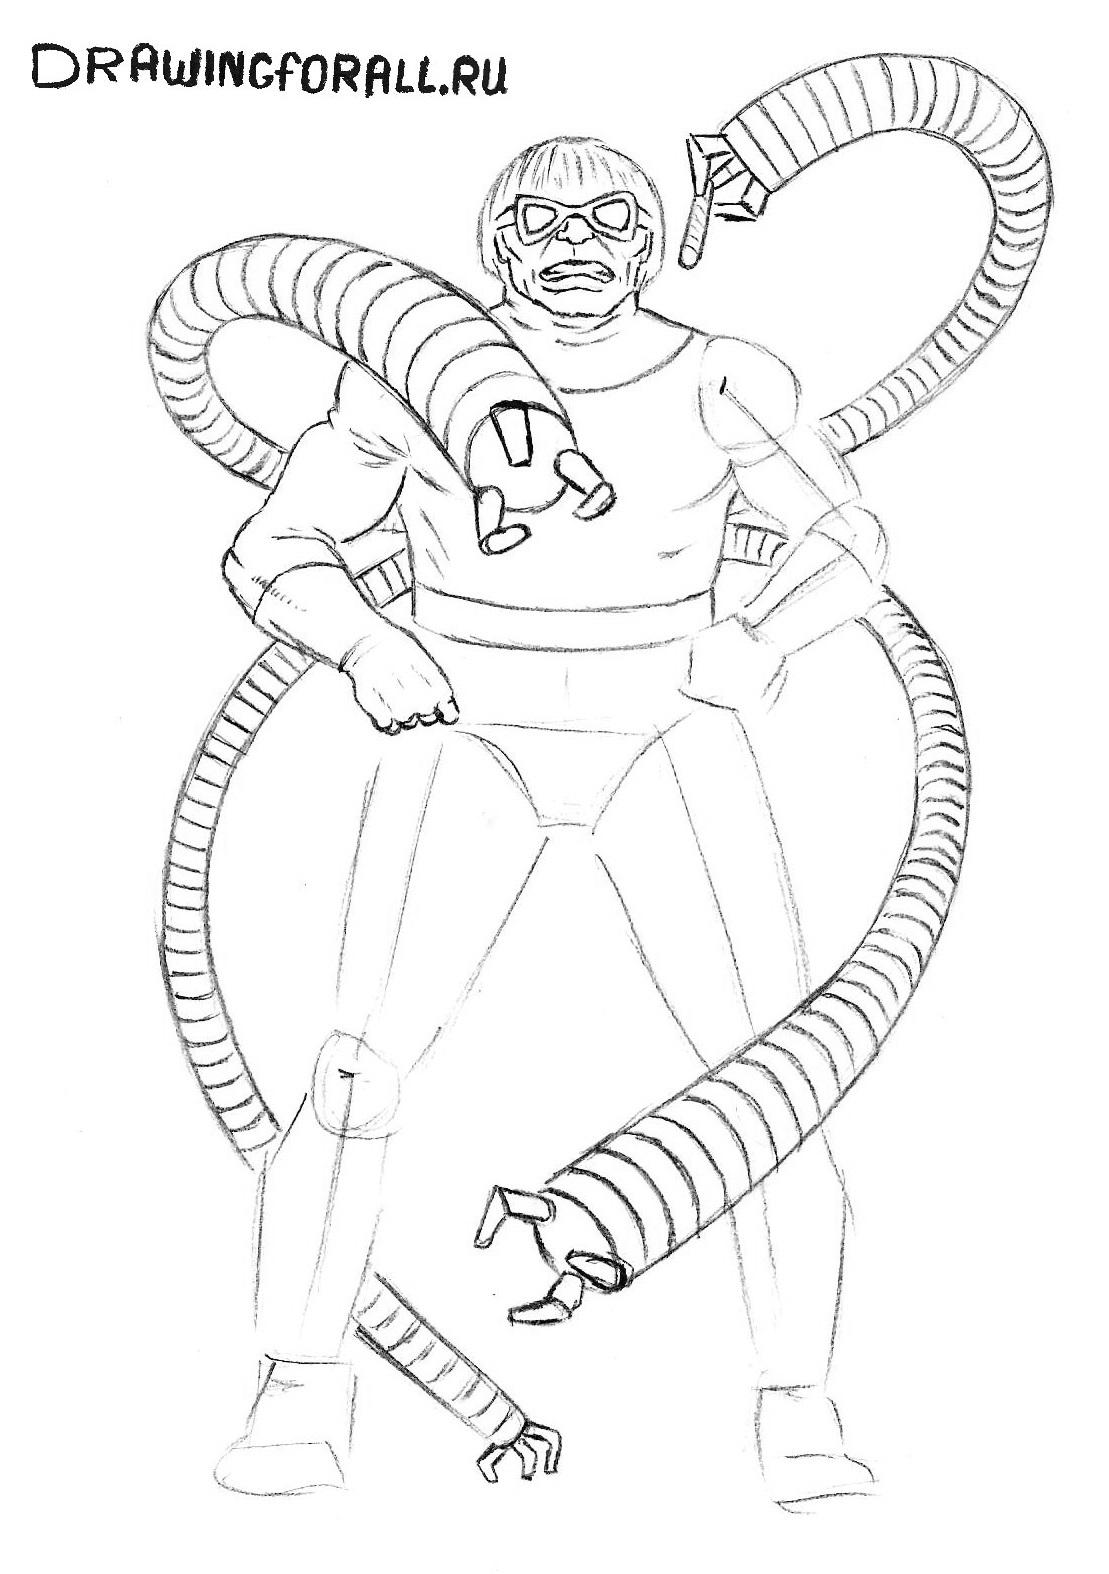 Как нарисовать Доктора Октопуса карандашом поэтапно